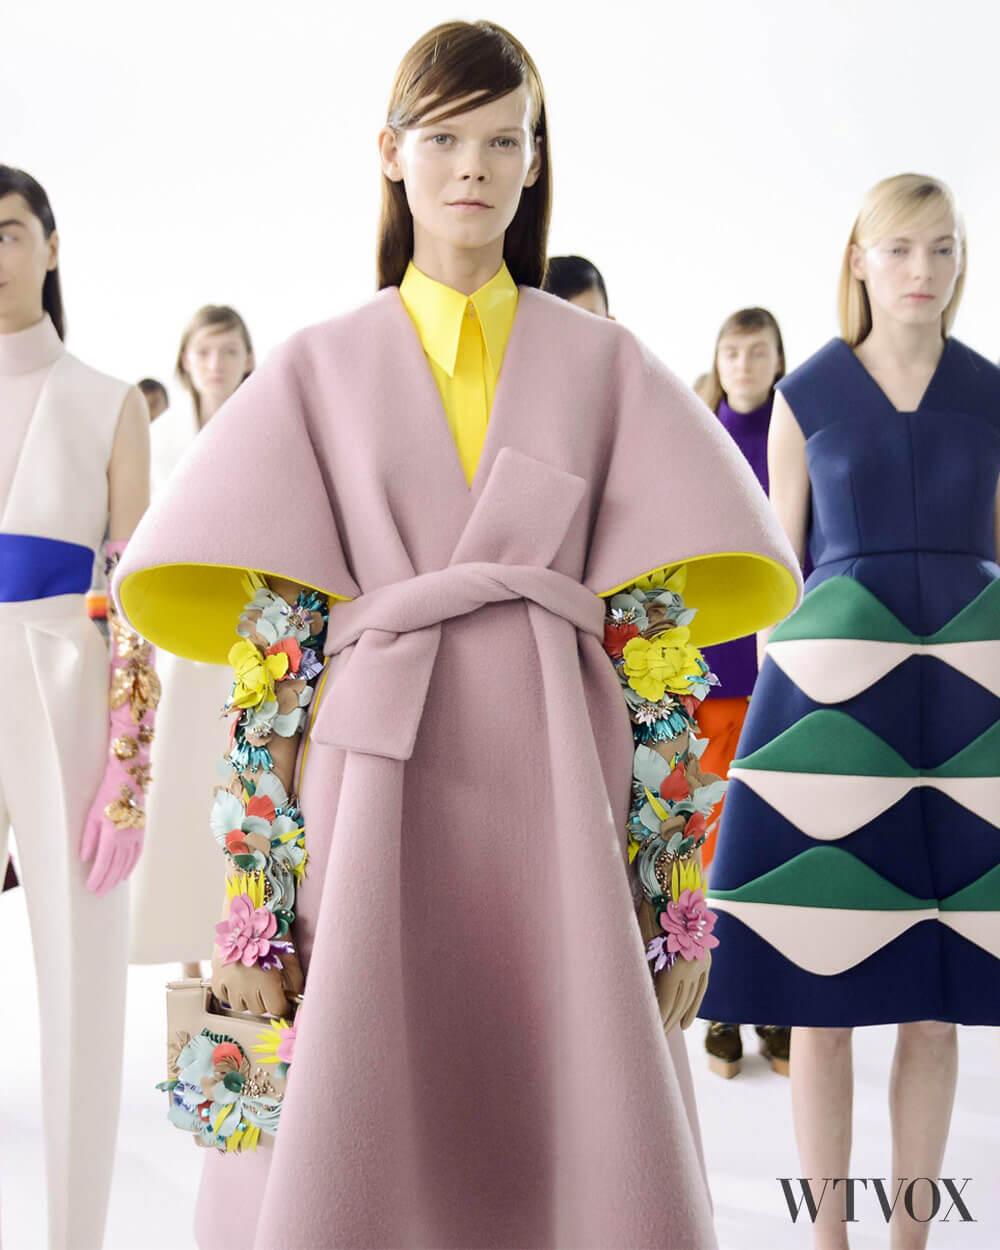 Delposo fashion by Josep Font